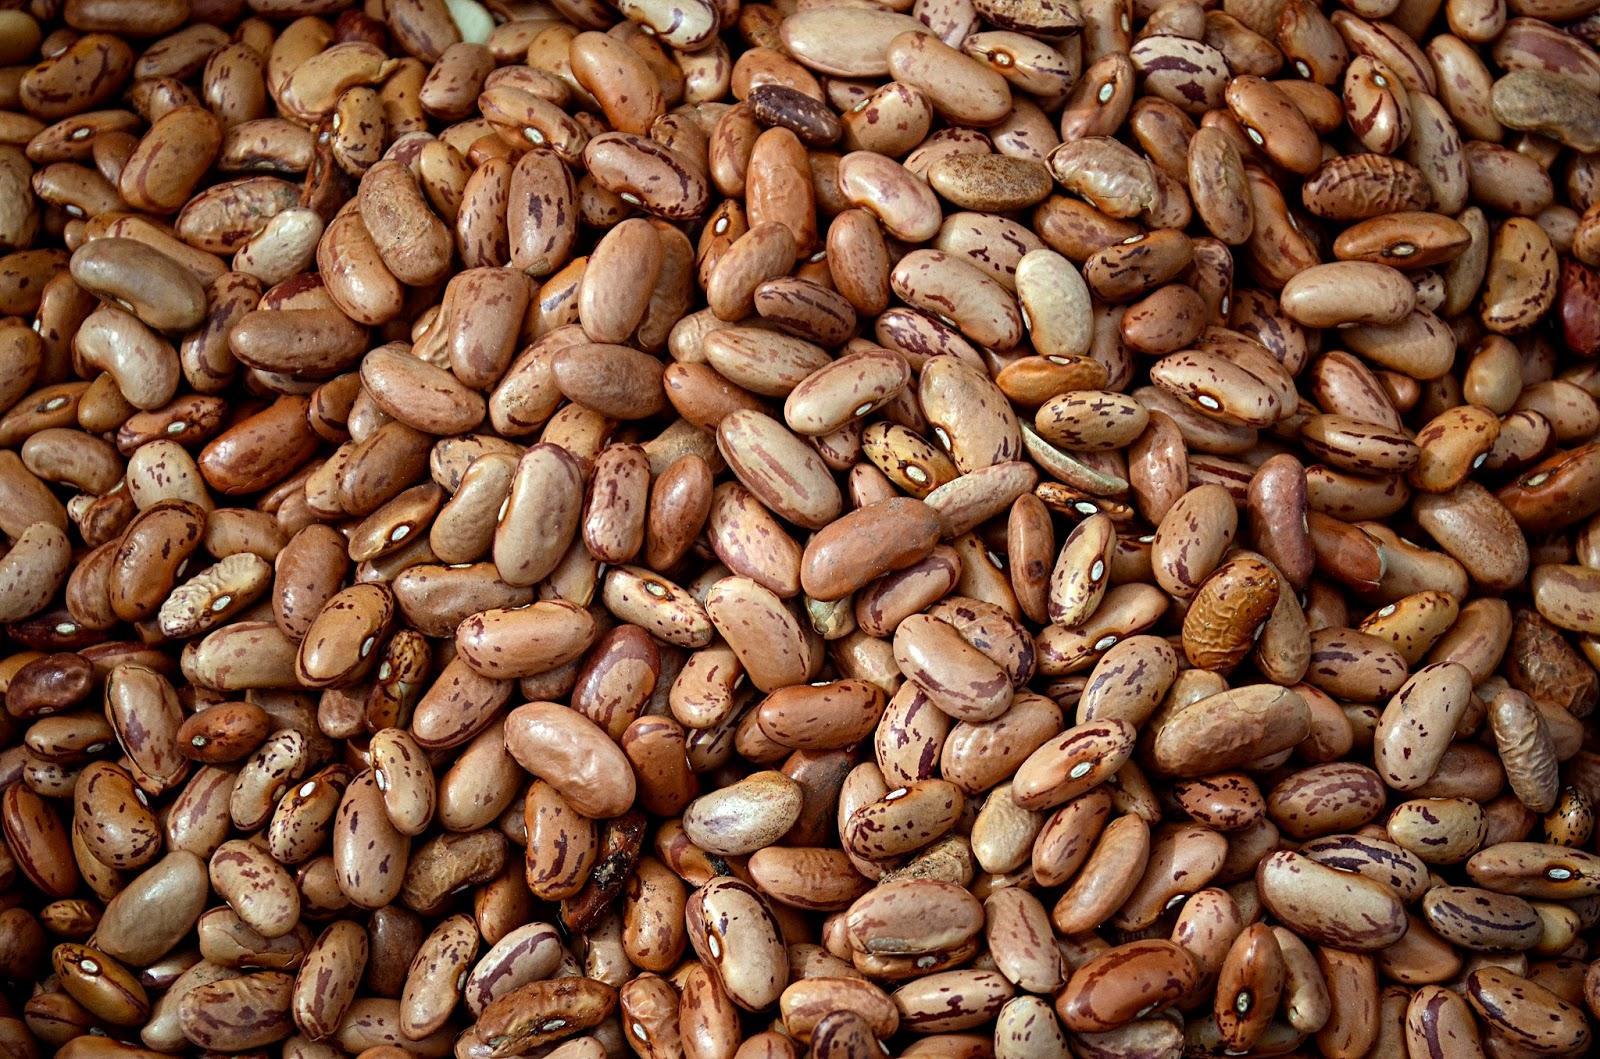 Phaseolus vulgaris seed